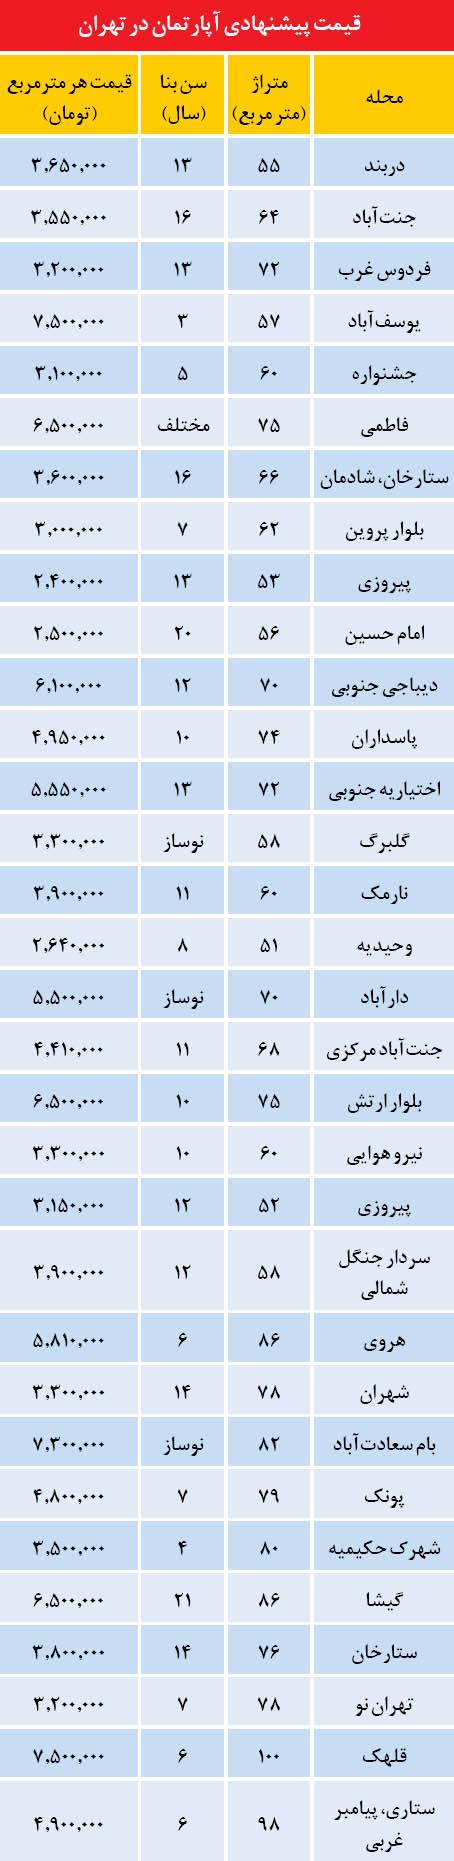 ارزان ترین های بازار مسکن تهران (جدول)